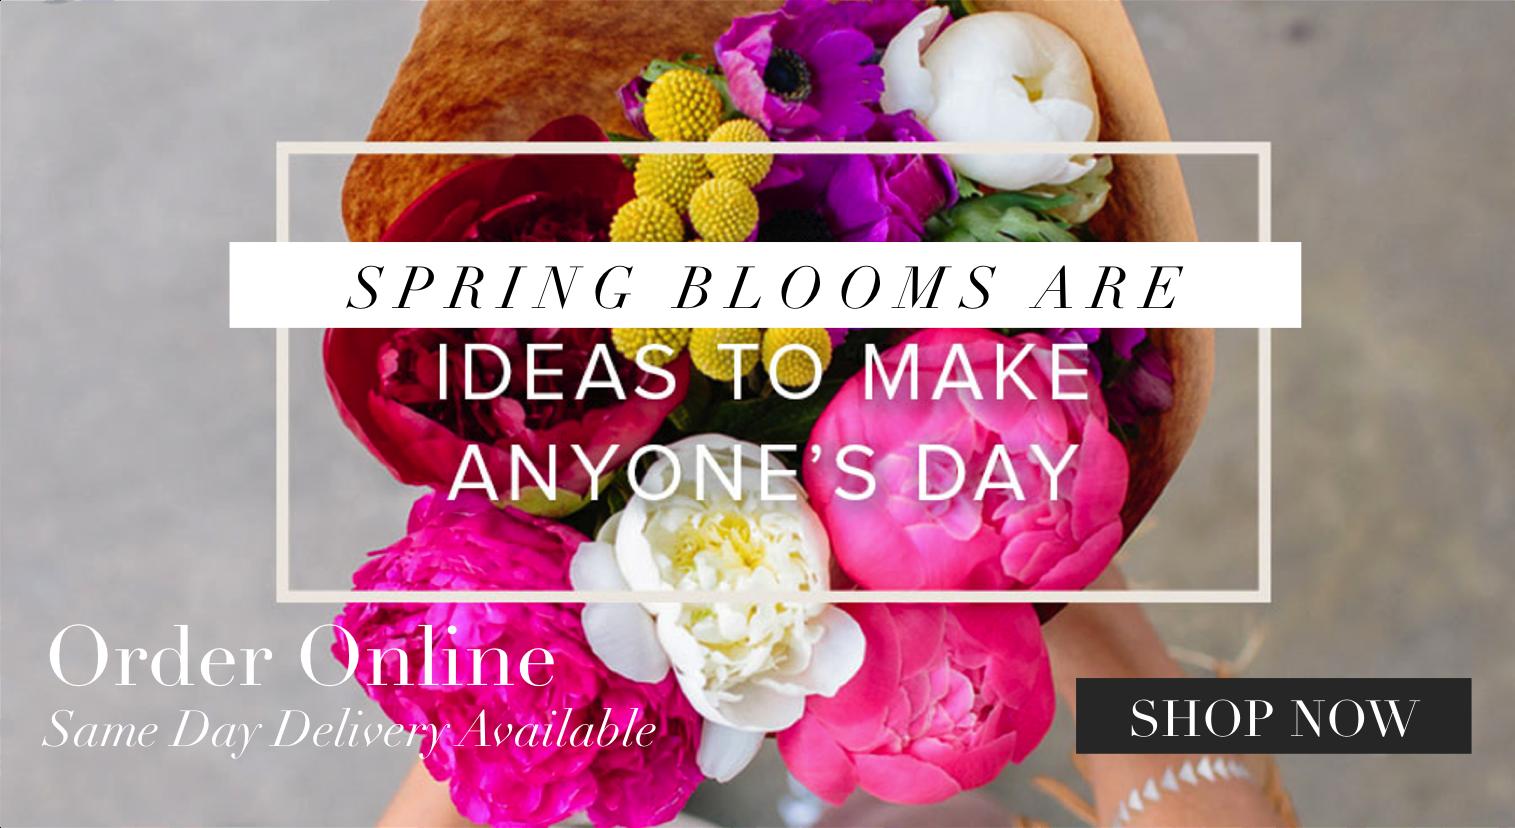 spring-banner-angies-floral-designs-el-paso-texas-floral-designs-79912-el-paso-floral-designs-.png